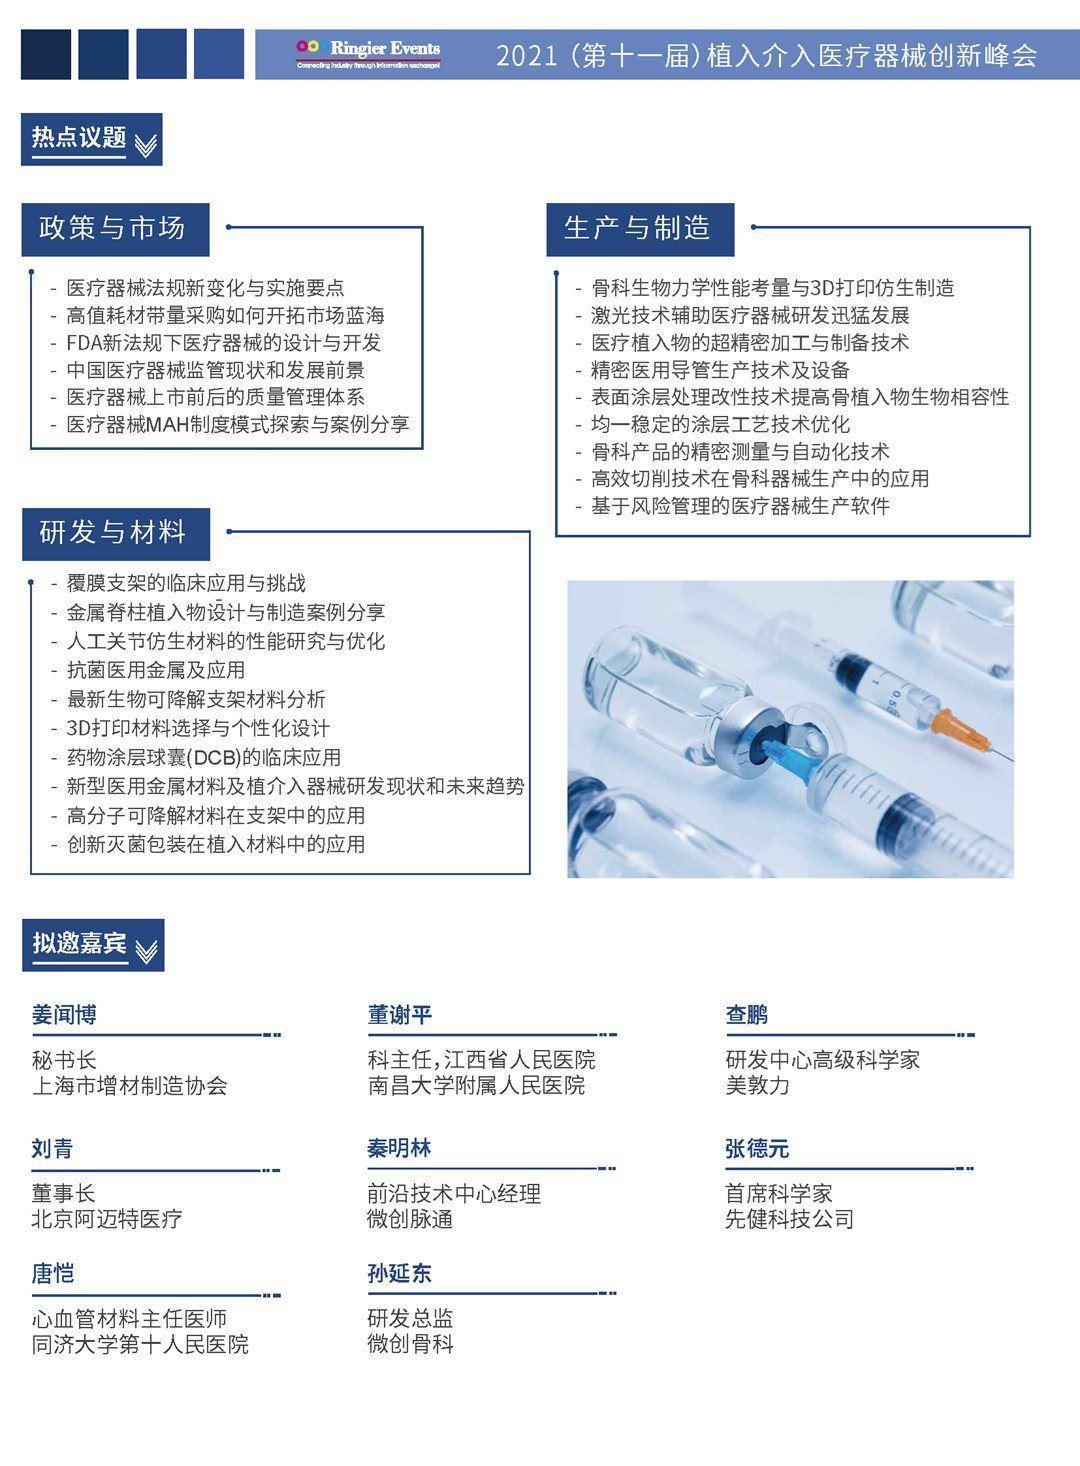 苏州医疗 1.21 活动行_页面_3.png